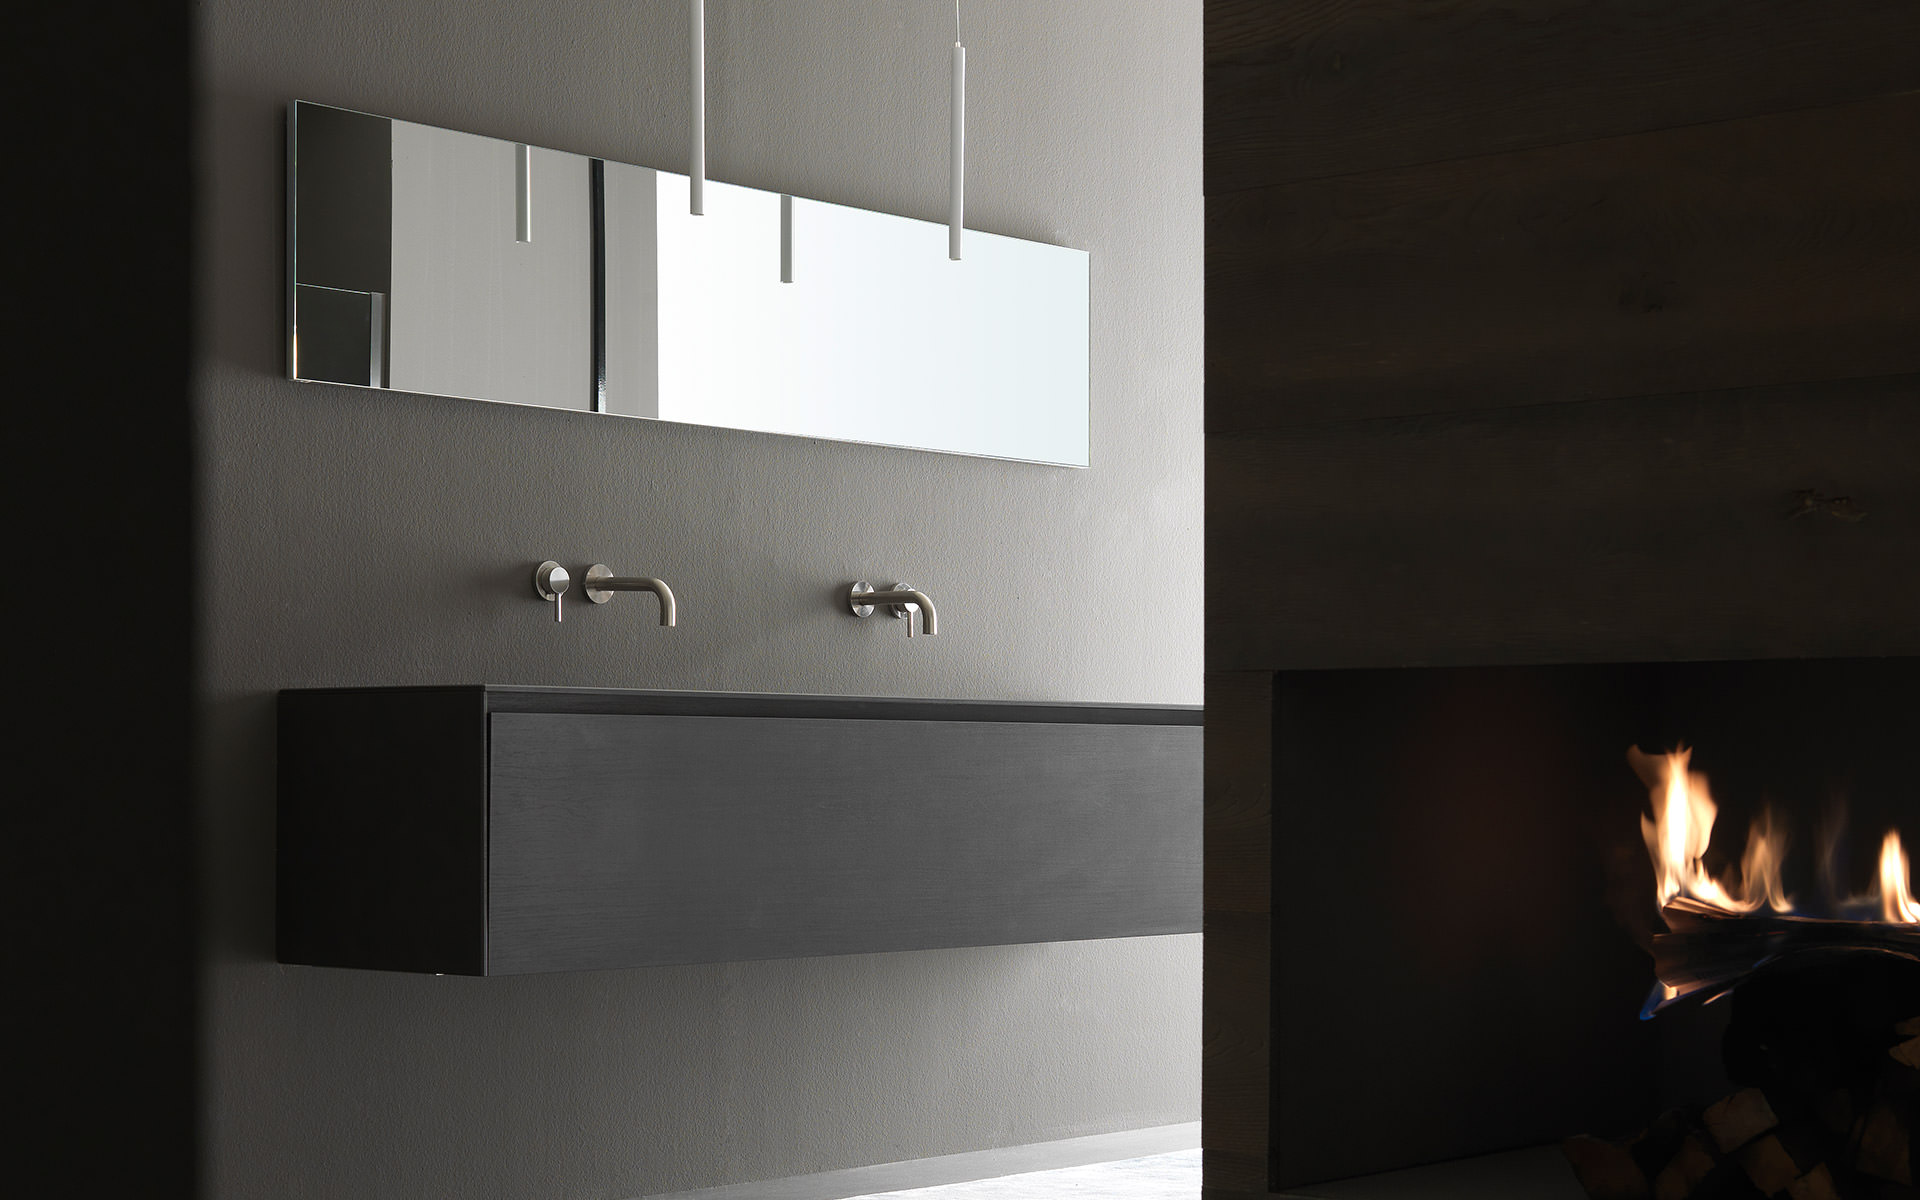 bhv salle de bain accessoires excellent prsenter le corner bhv with bhv salle de bain. Black Bedroom Furniture Sets. Home Design Ideas